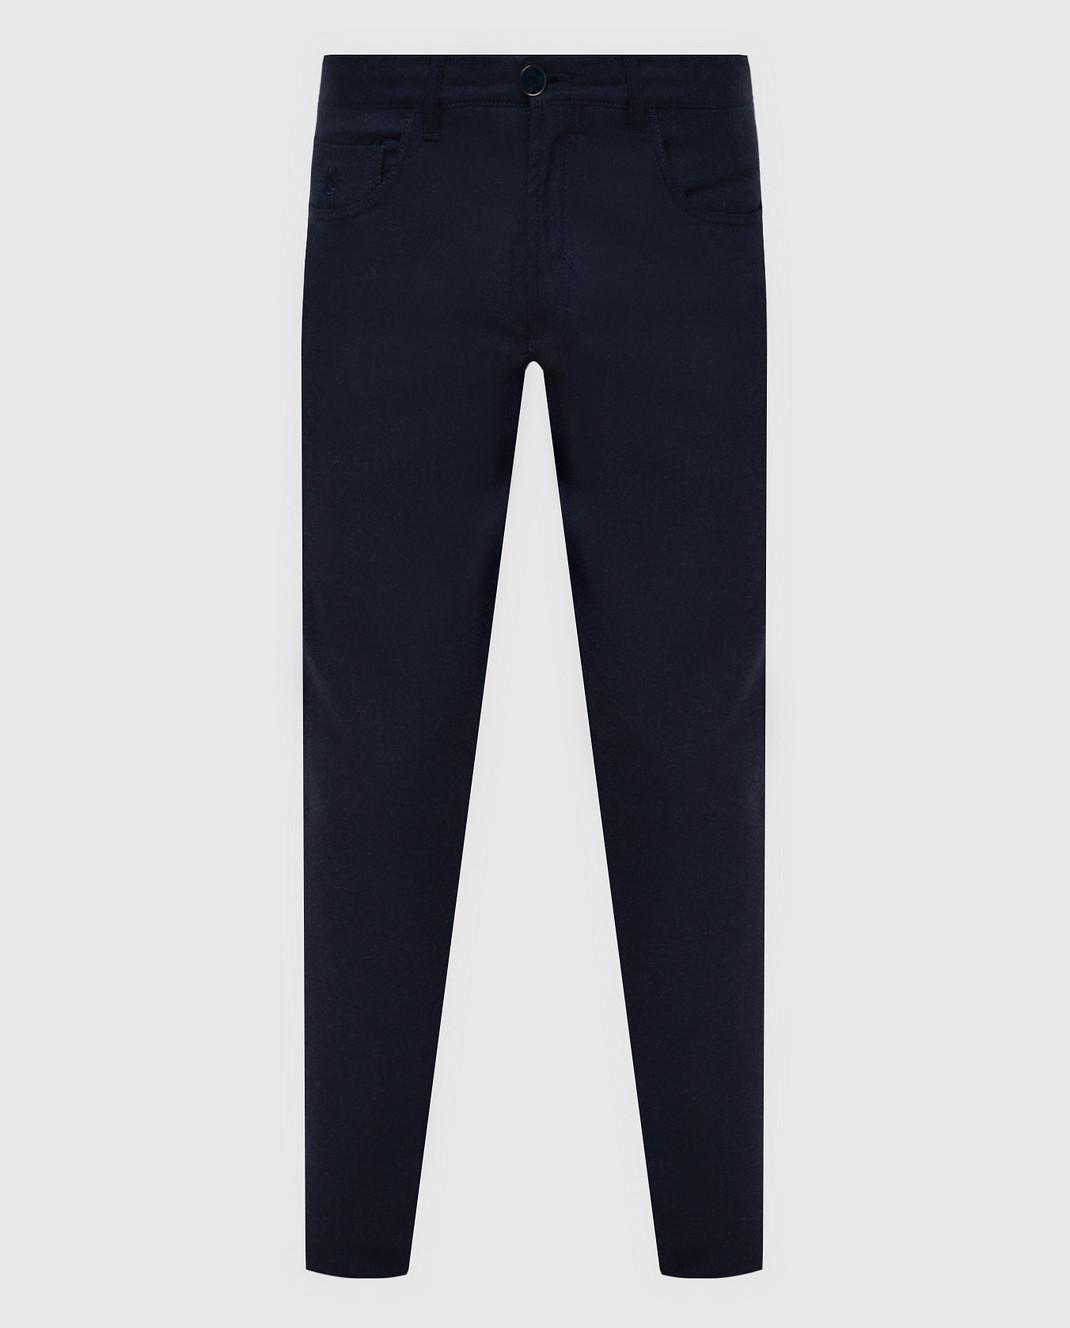 Scissor Scriptor Темно-синие брюки из шерсти изображение 1